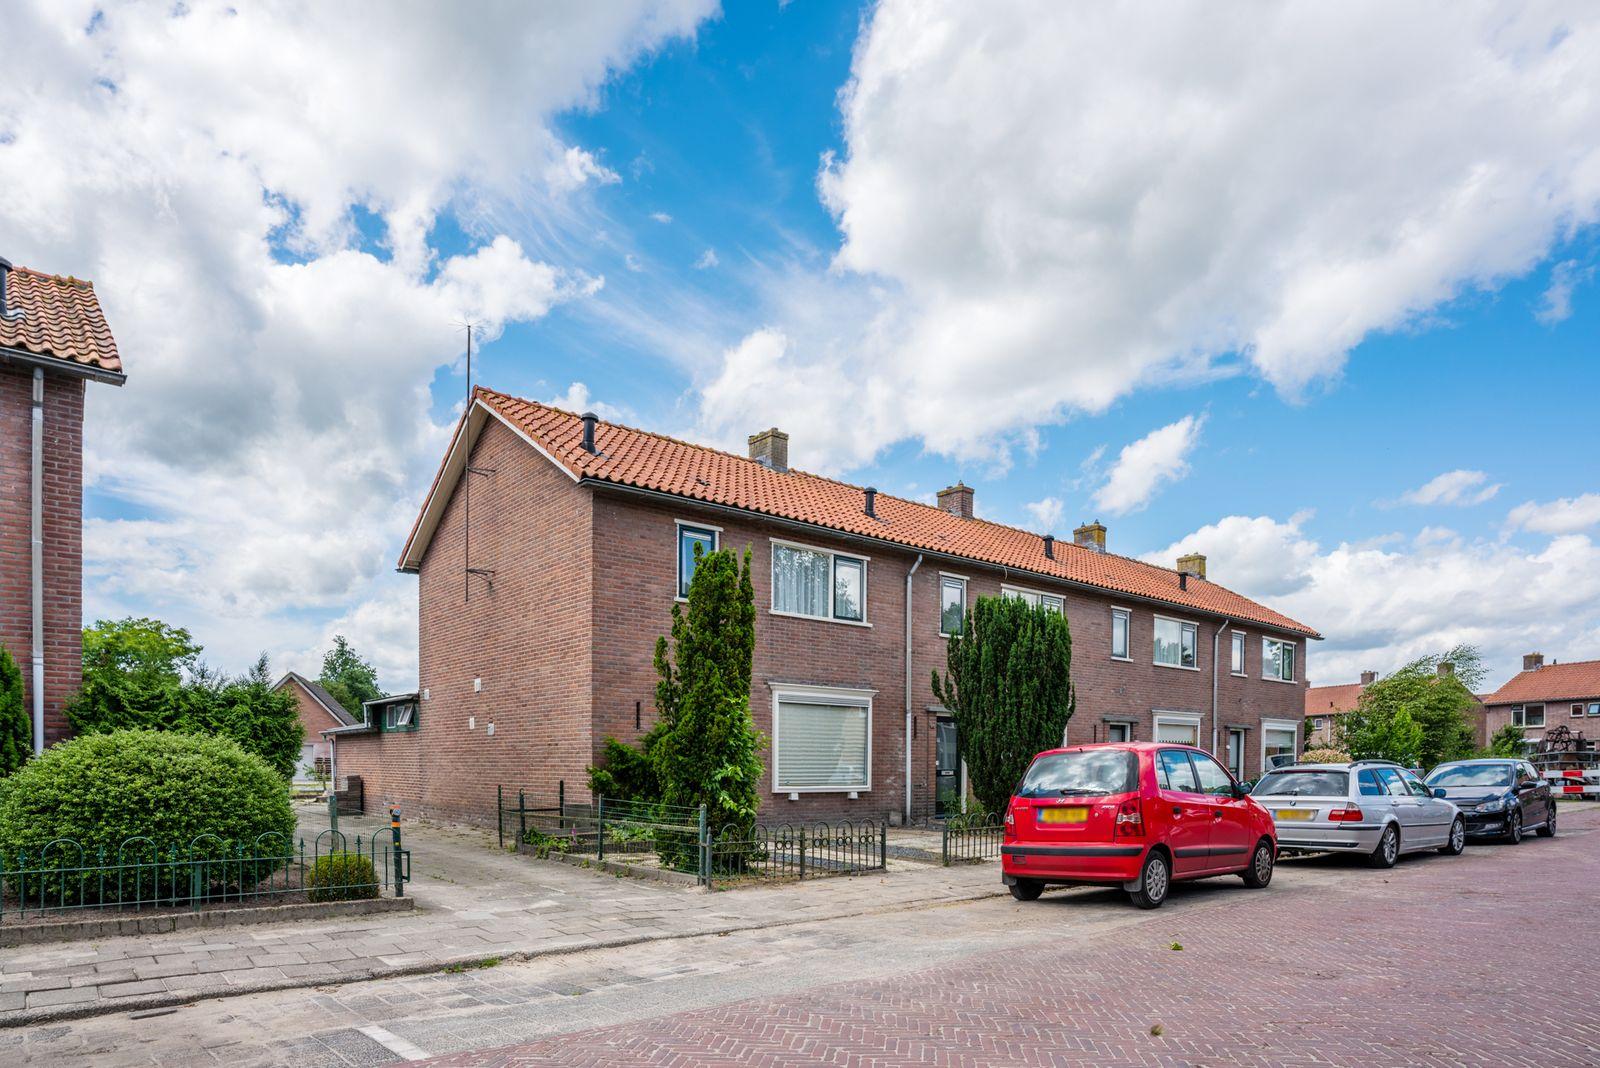 Van Noortstraat 15, Nijkerkerveen